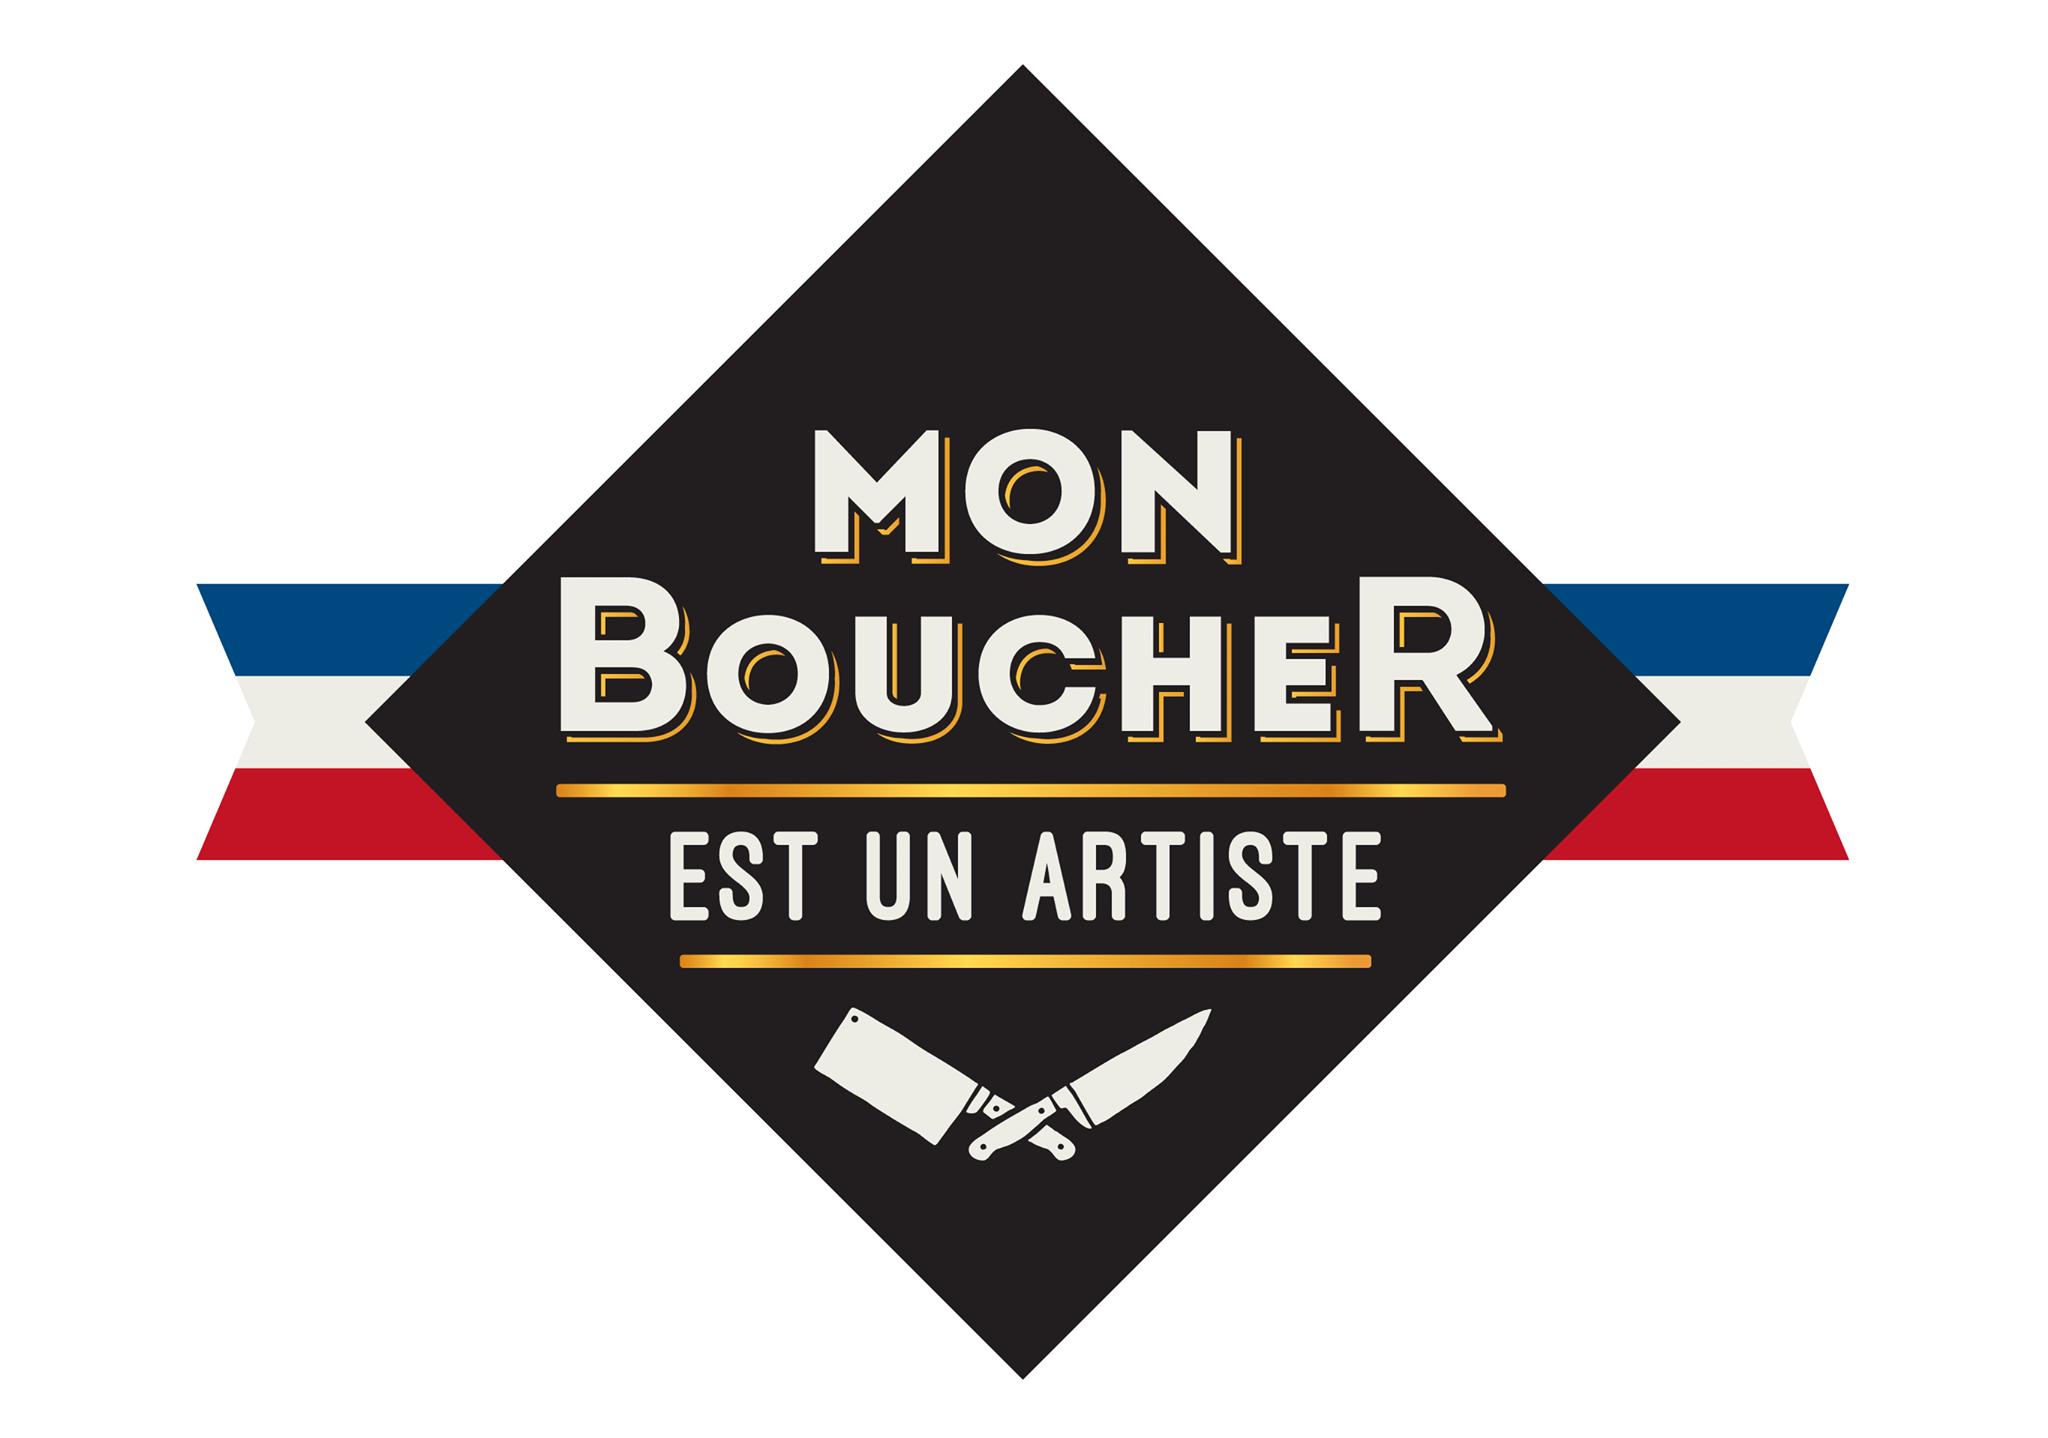 MON BOUCHER EST UN ARTISTE